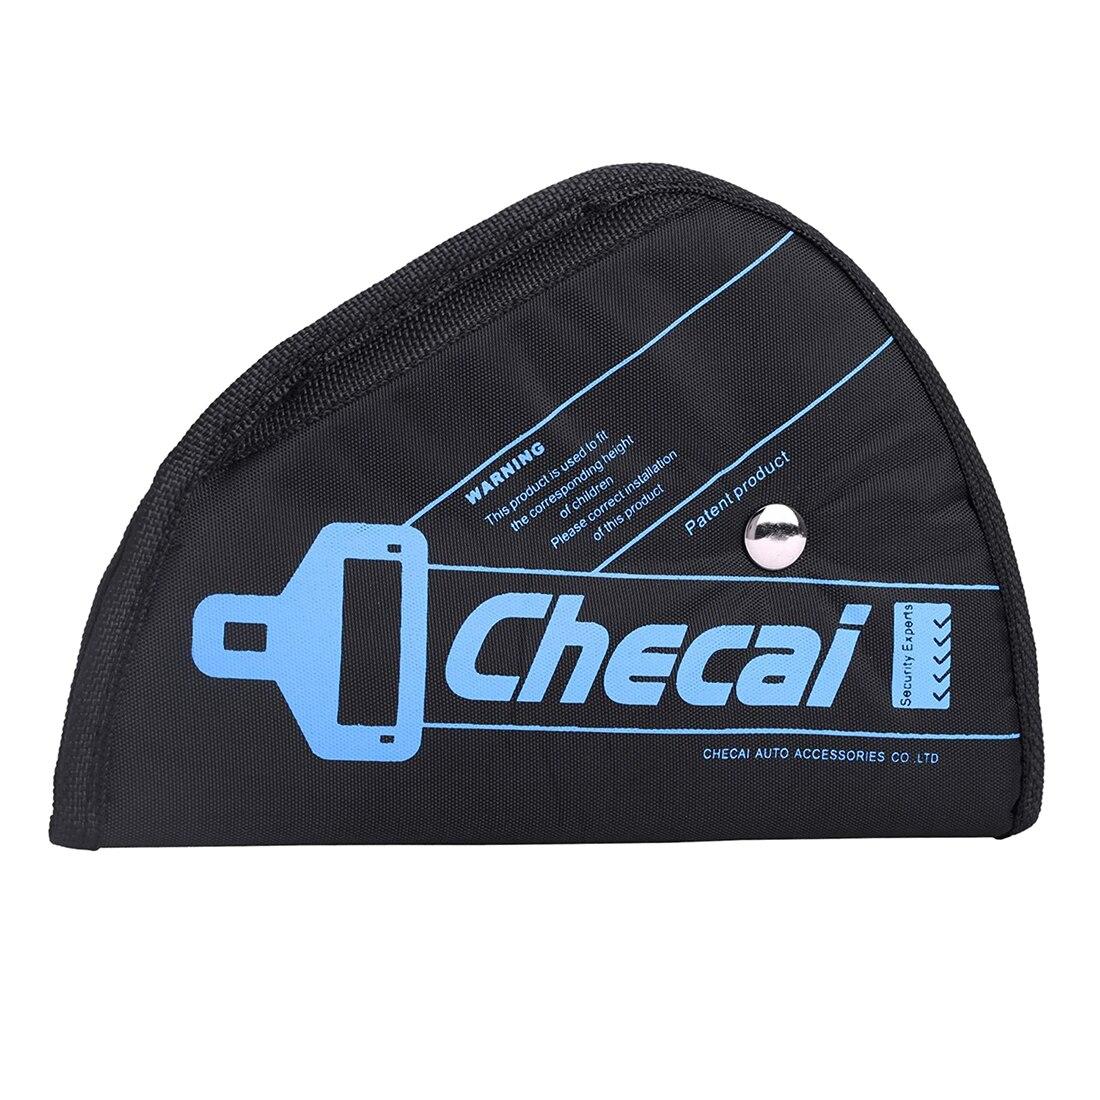 CHECAI Child Kids Baby Adjustment Auto Car Belt Adjuster Safety Seat Belt Positioner Black